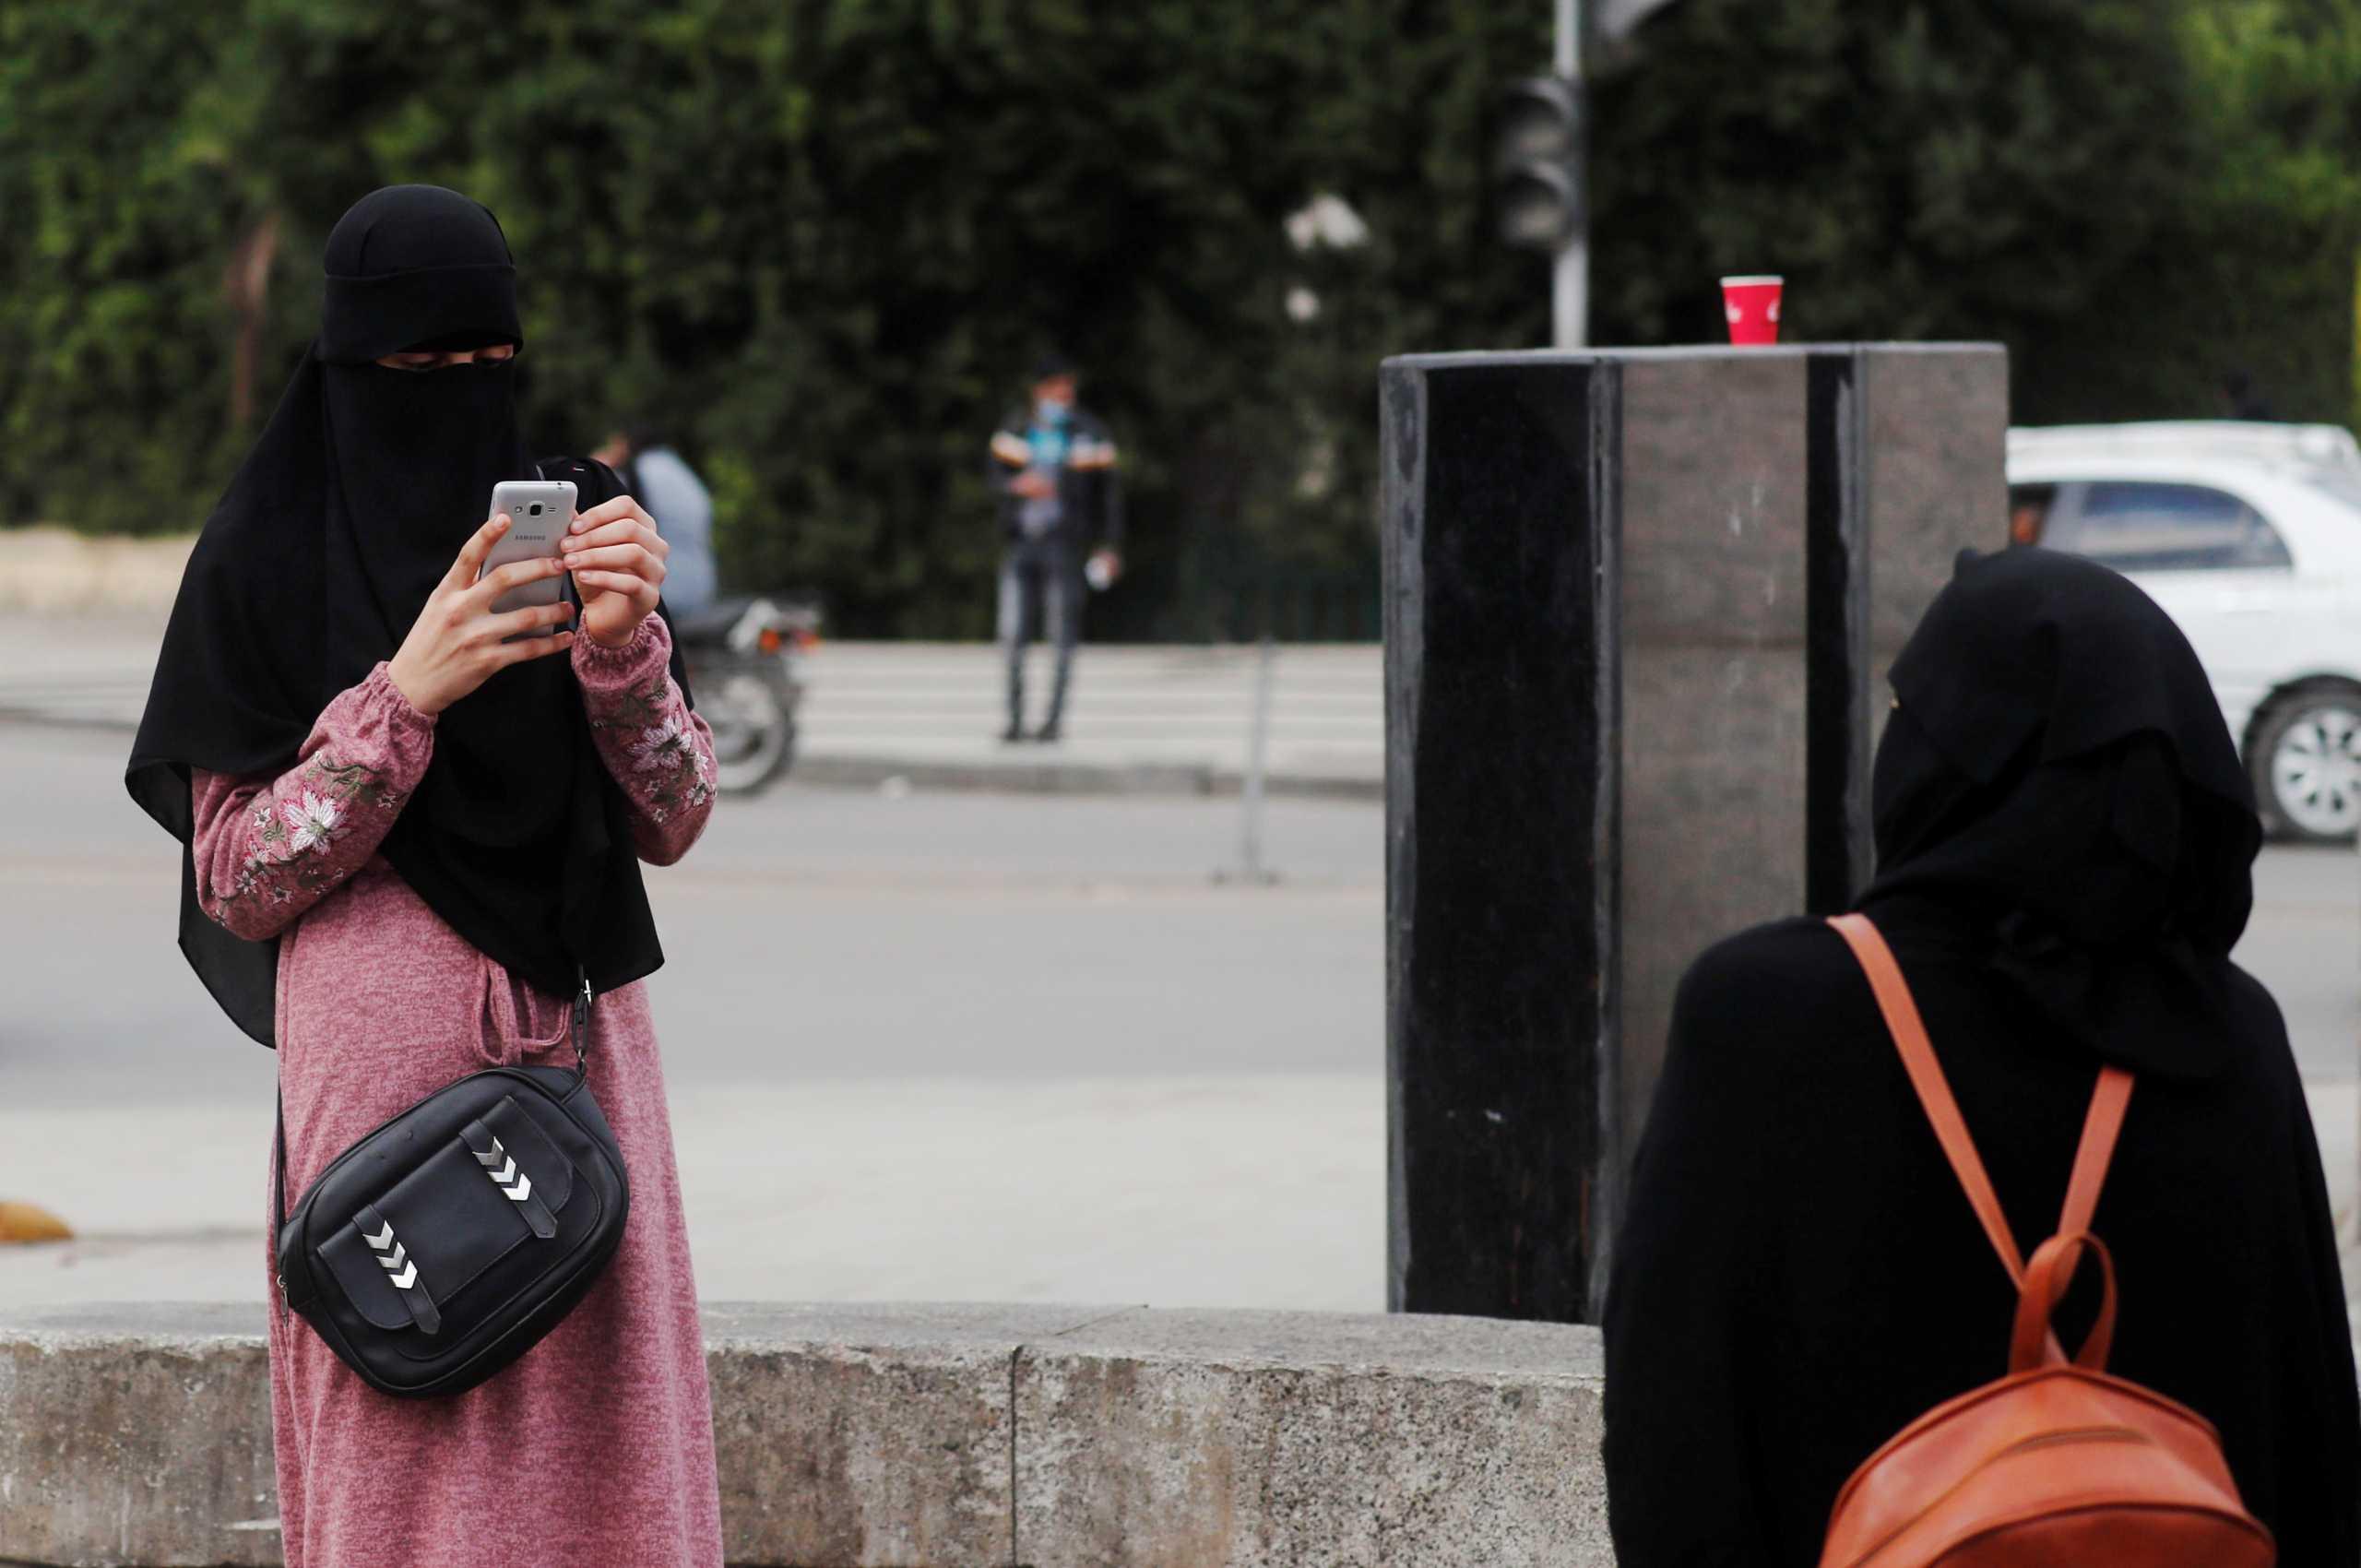 Σε διαδικτυακή διδασκαλία προχωρά και η Αίγυπτος λόγω κορονοϊού